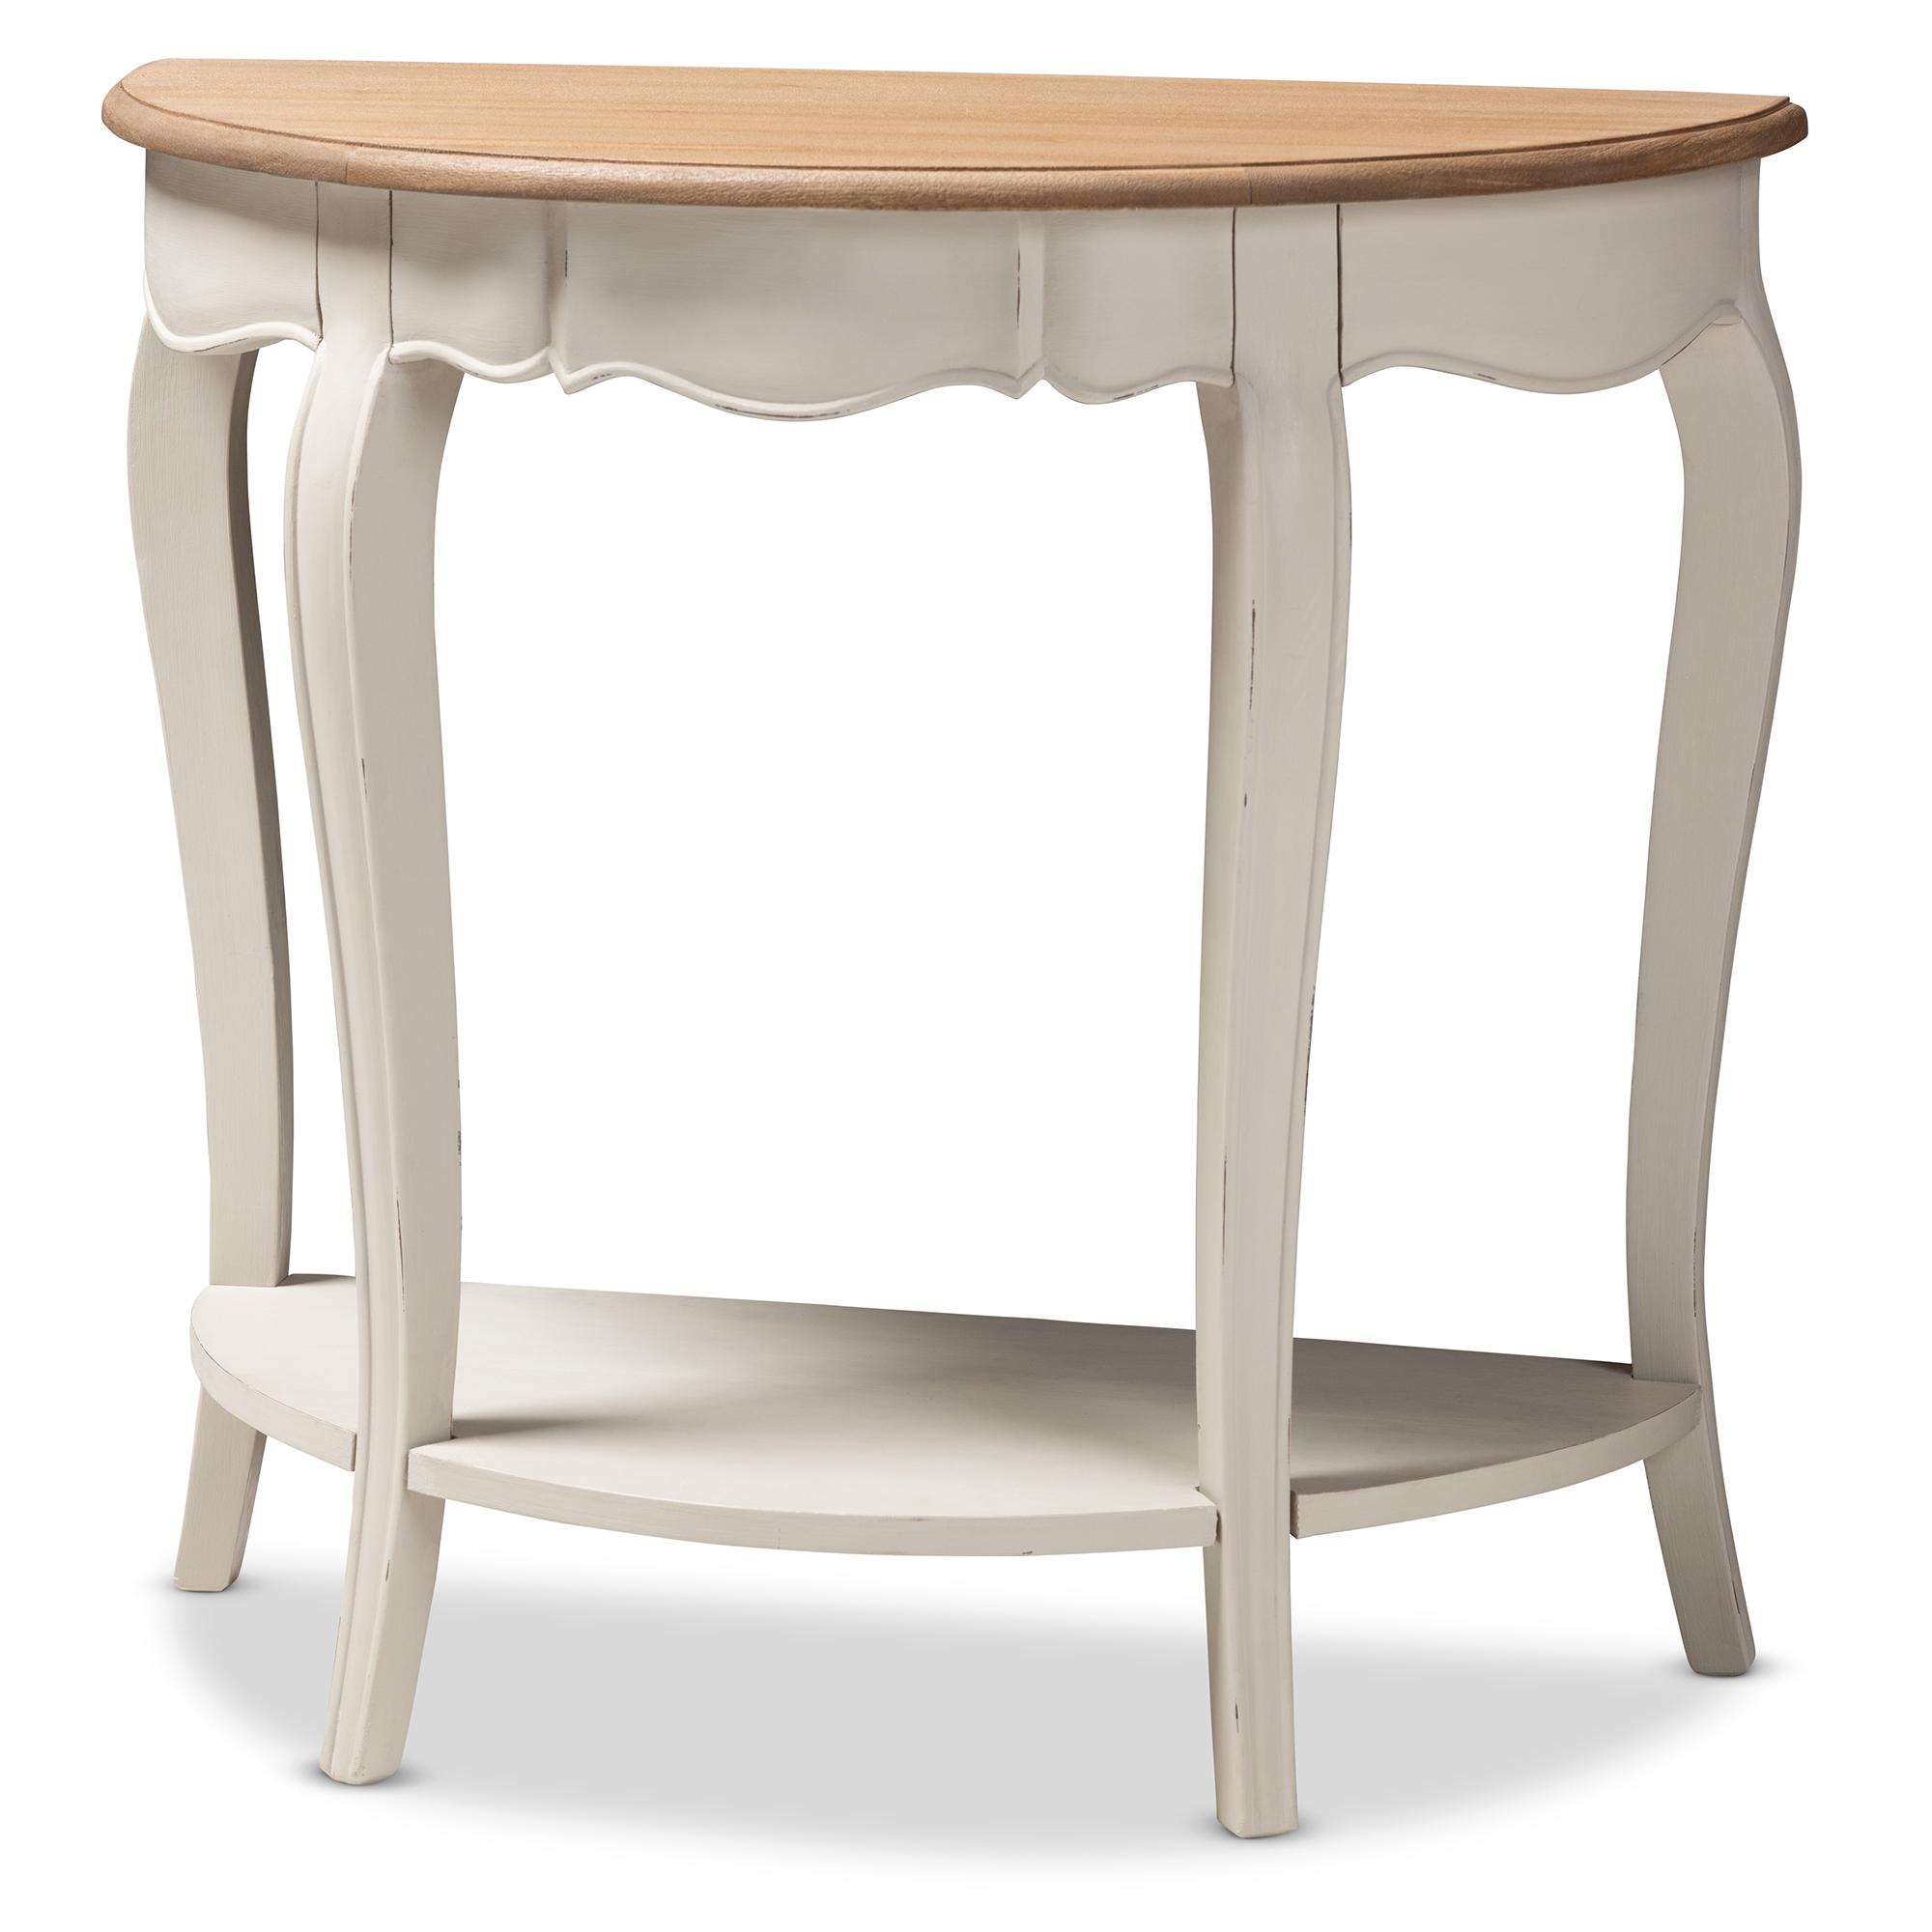 Admirable Baxton Studio Cordelia Country Cottage Farmhouse White And Spiritservingveterans Wood Chair Design Ideas Spiritservingveteransorg